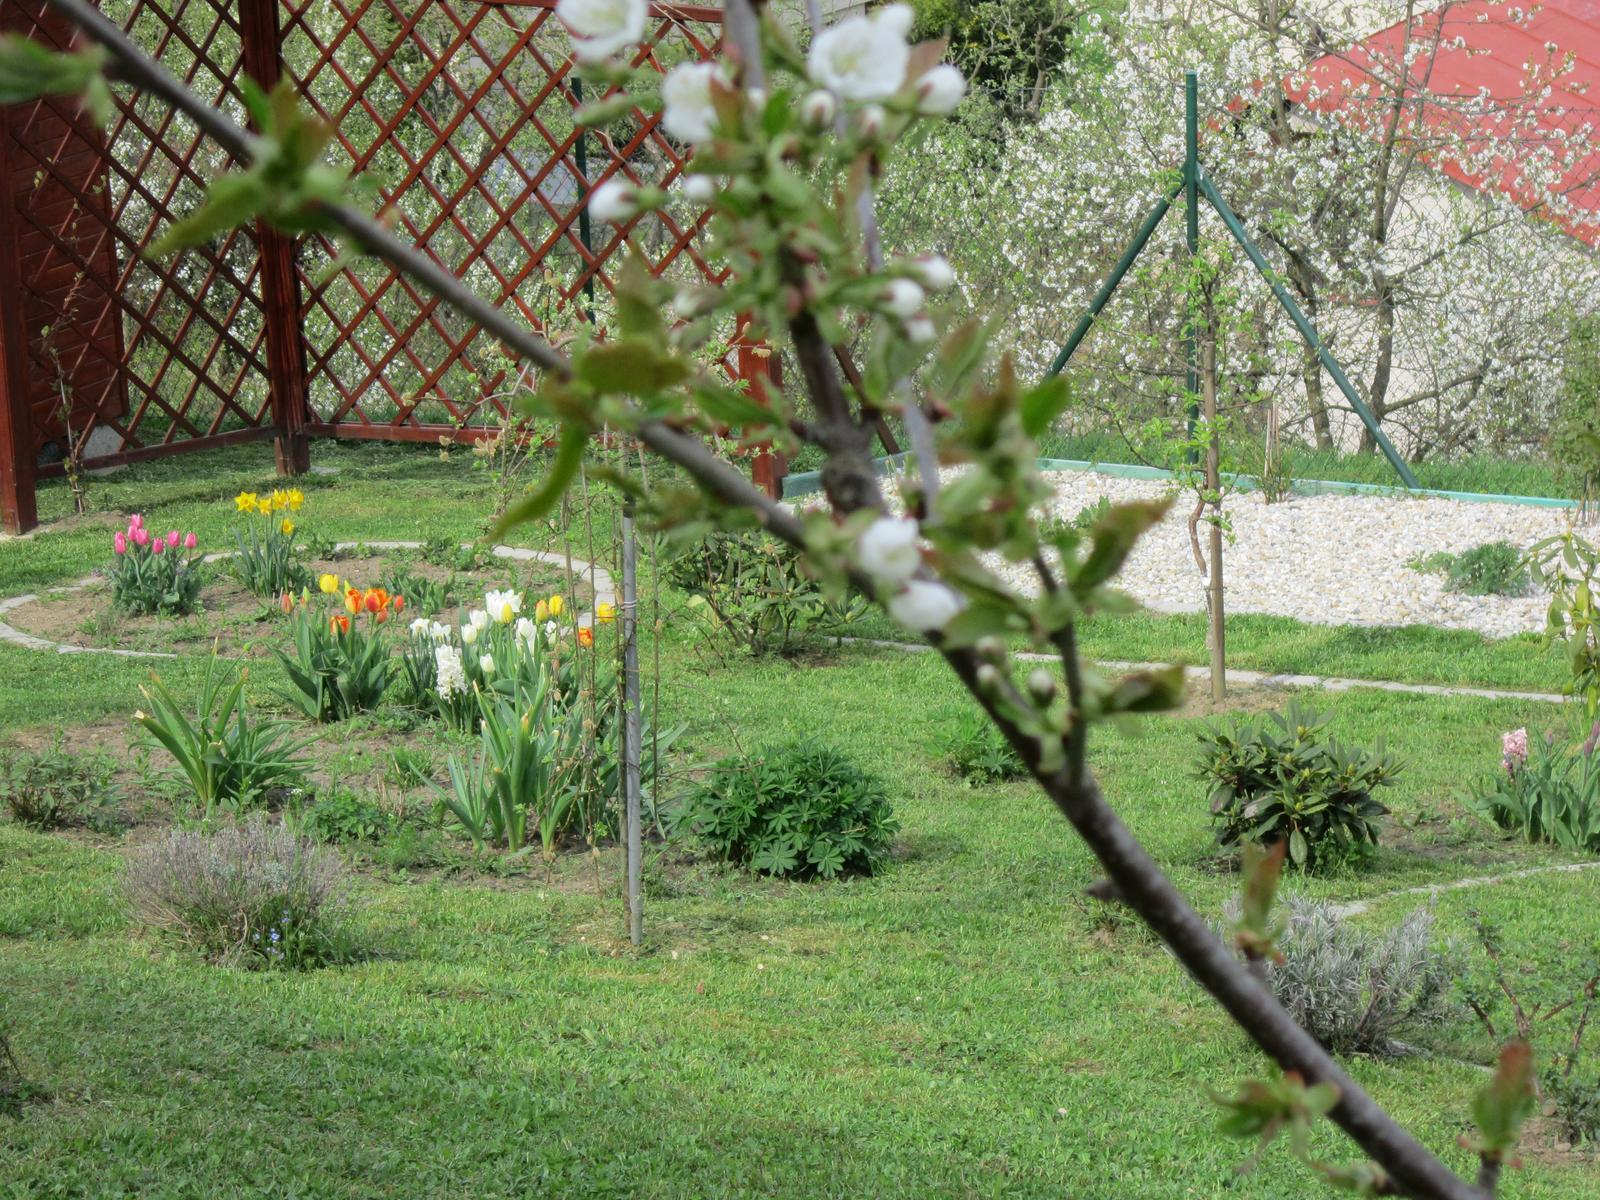 Moja záhrada...ako šiel čas - Obrázok č. 28